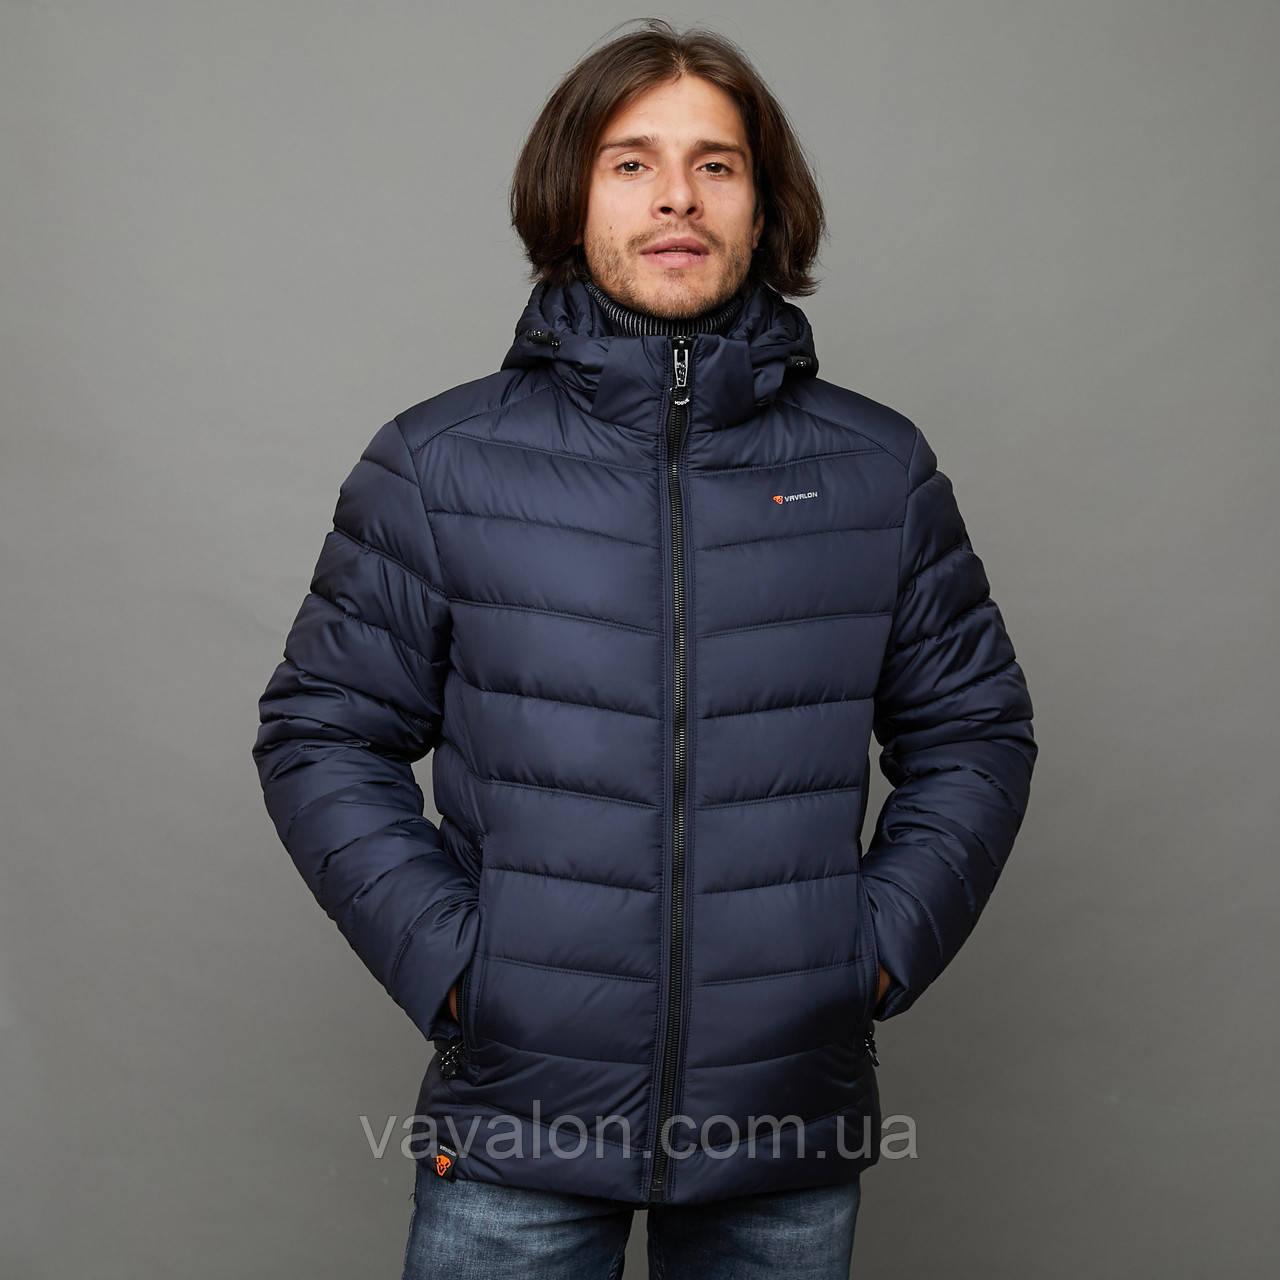 Куртка демисезонная Vavalon EZ-932 Navy